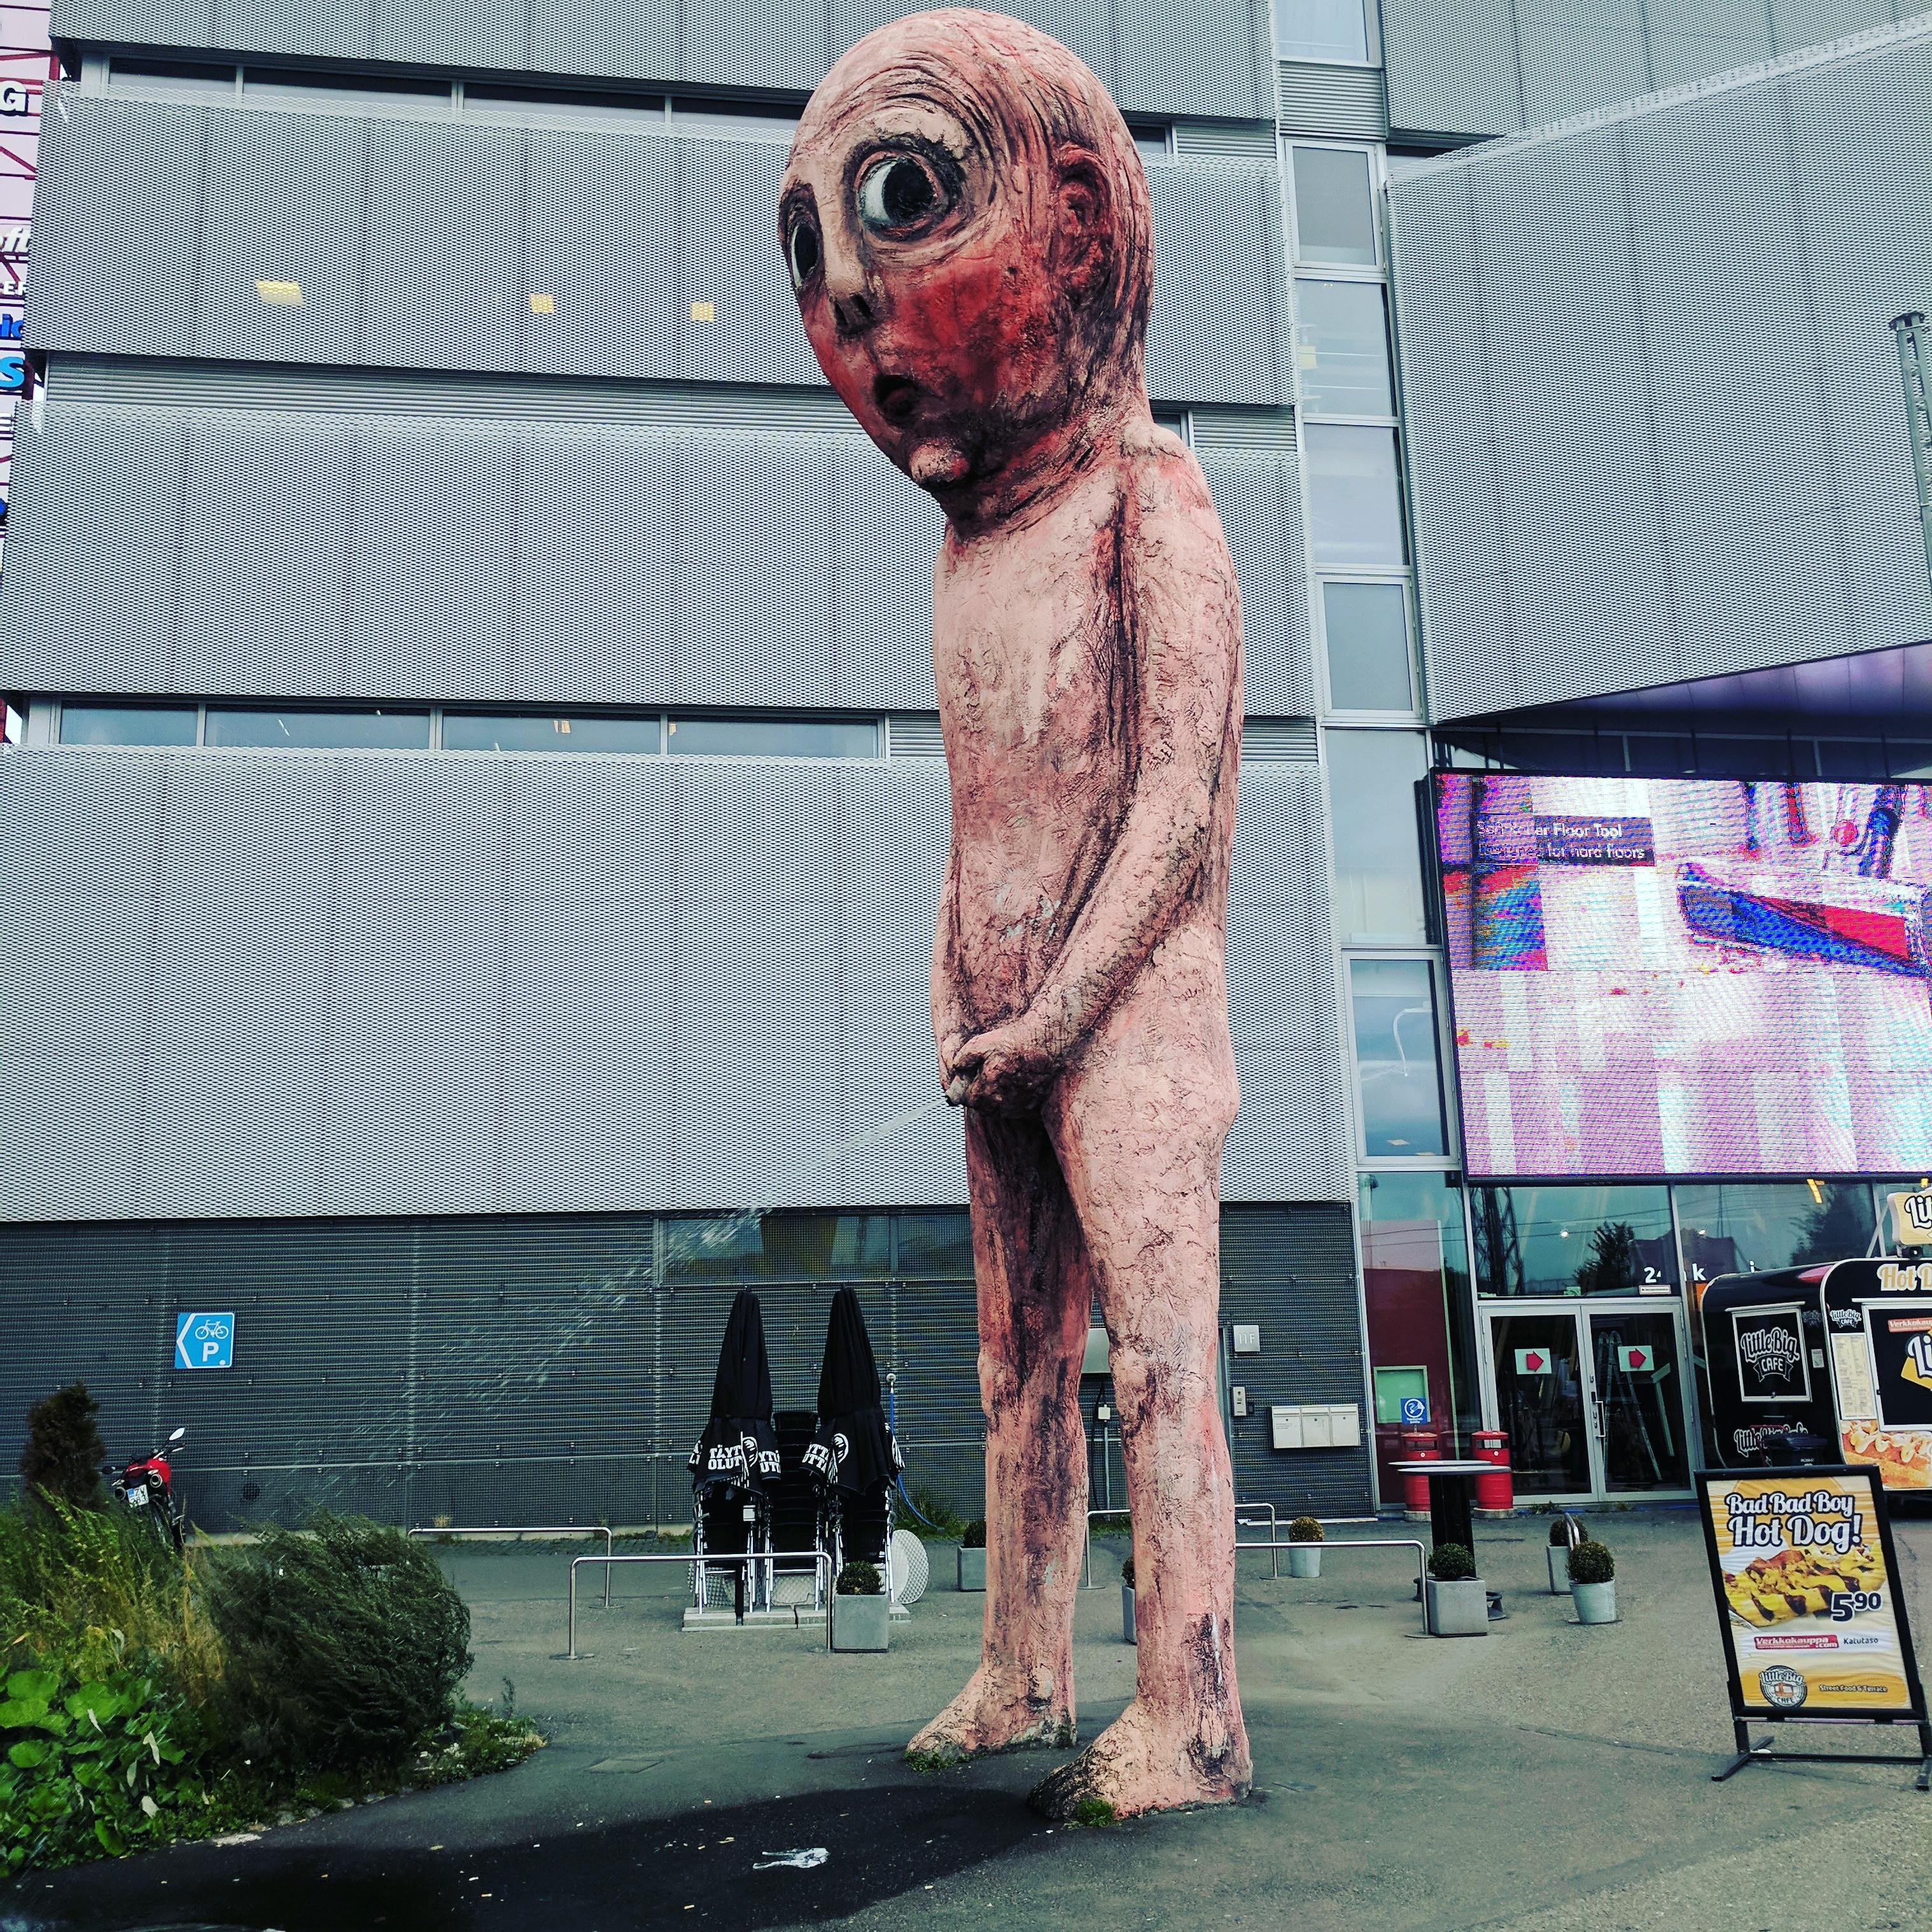 helsinki finland public art statue man peeing